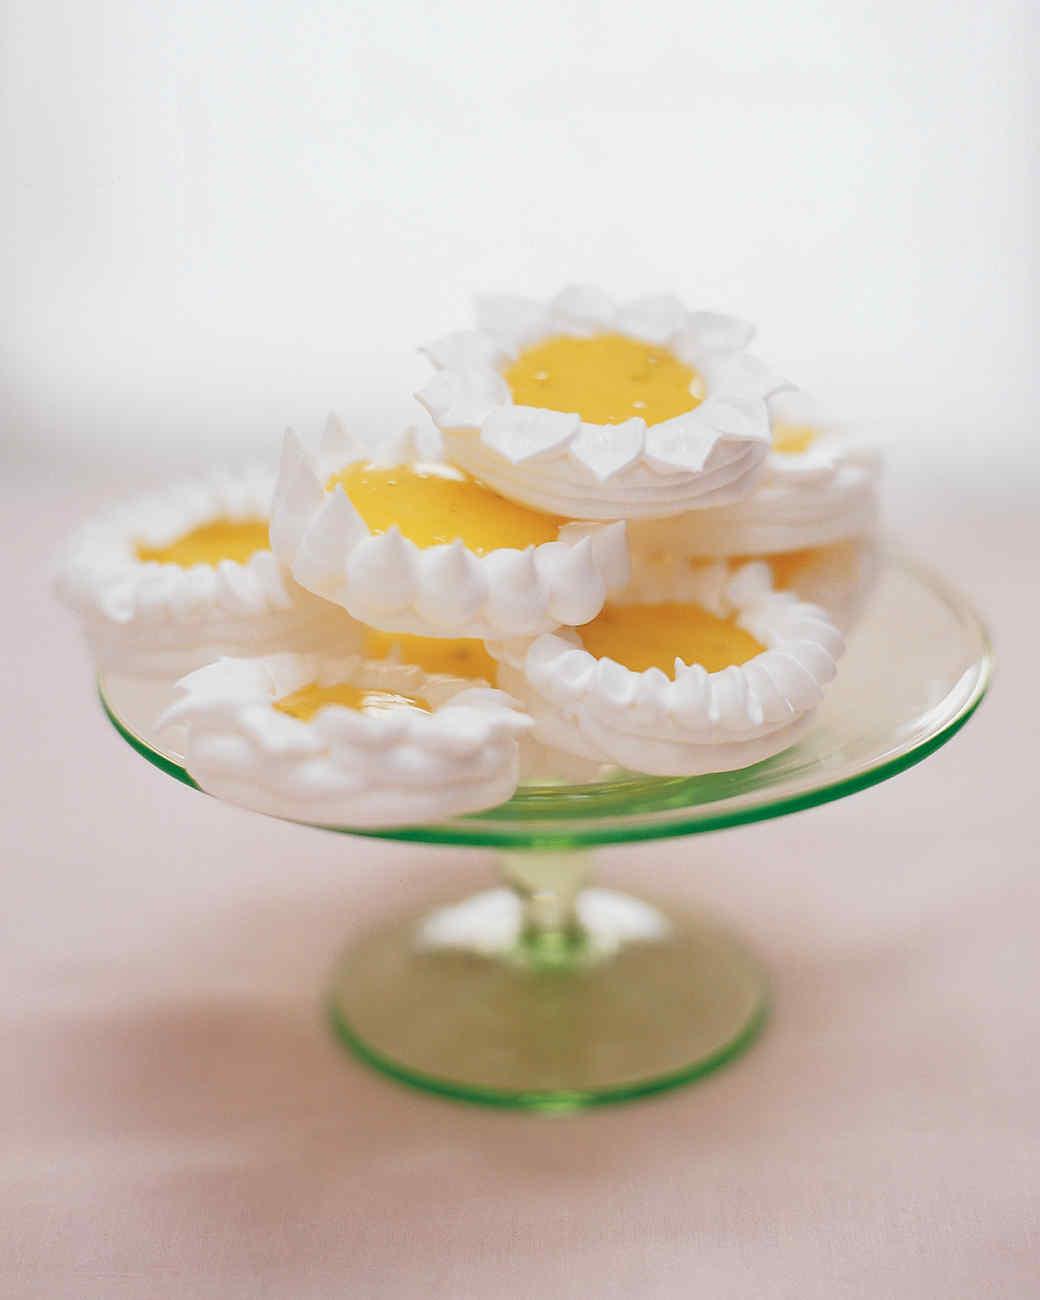 Lime Meringue Tarts